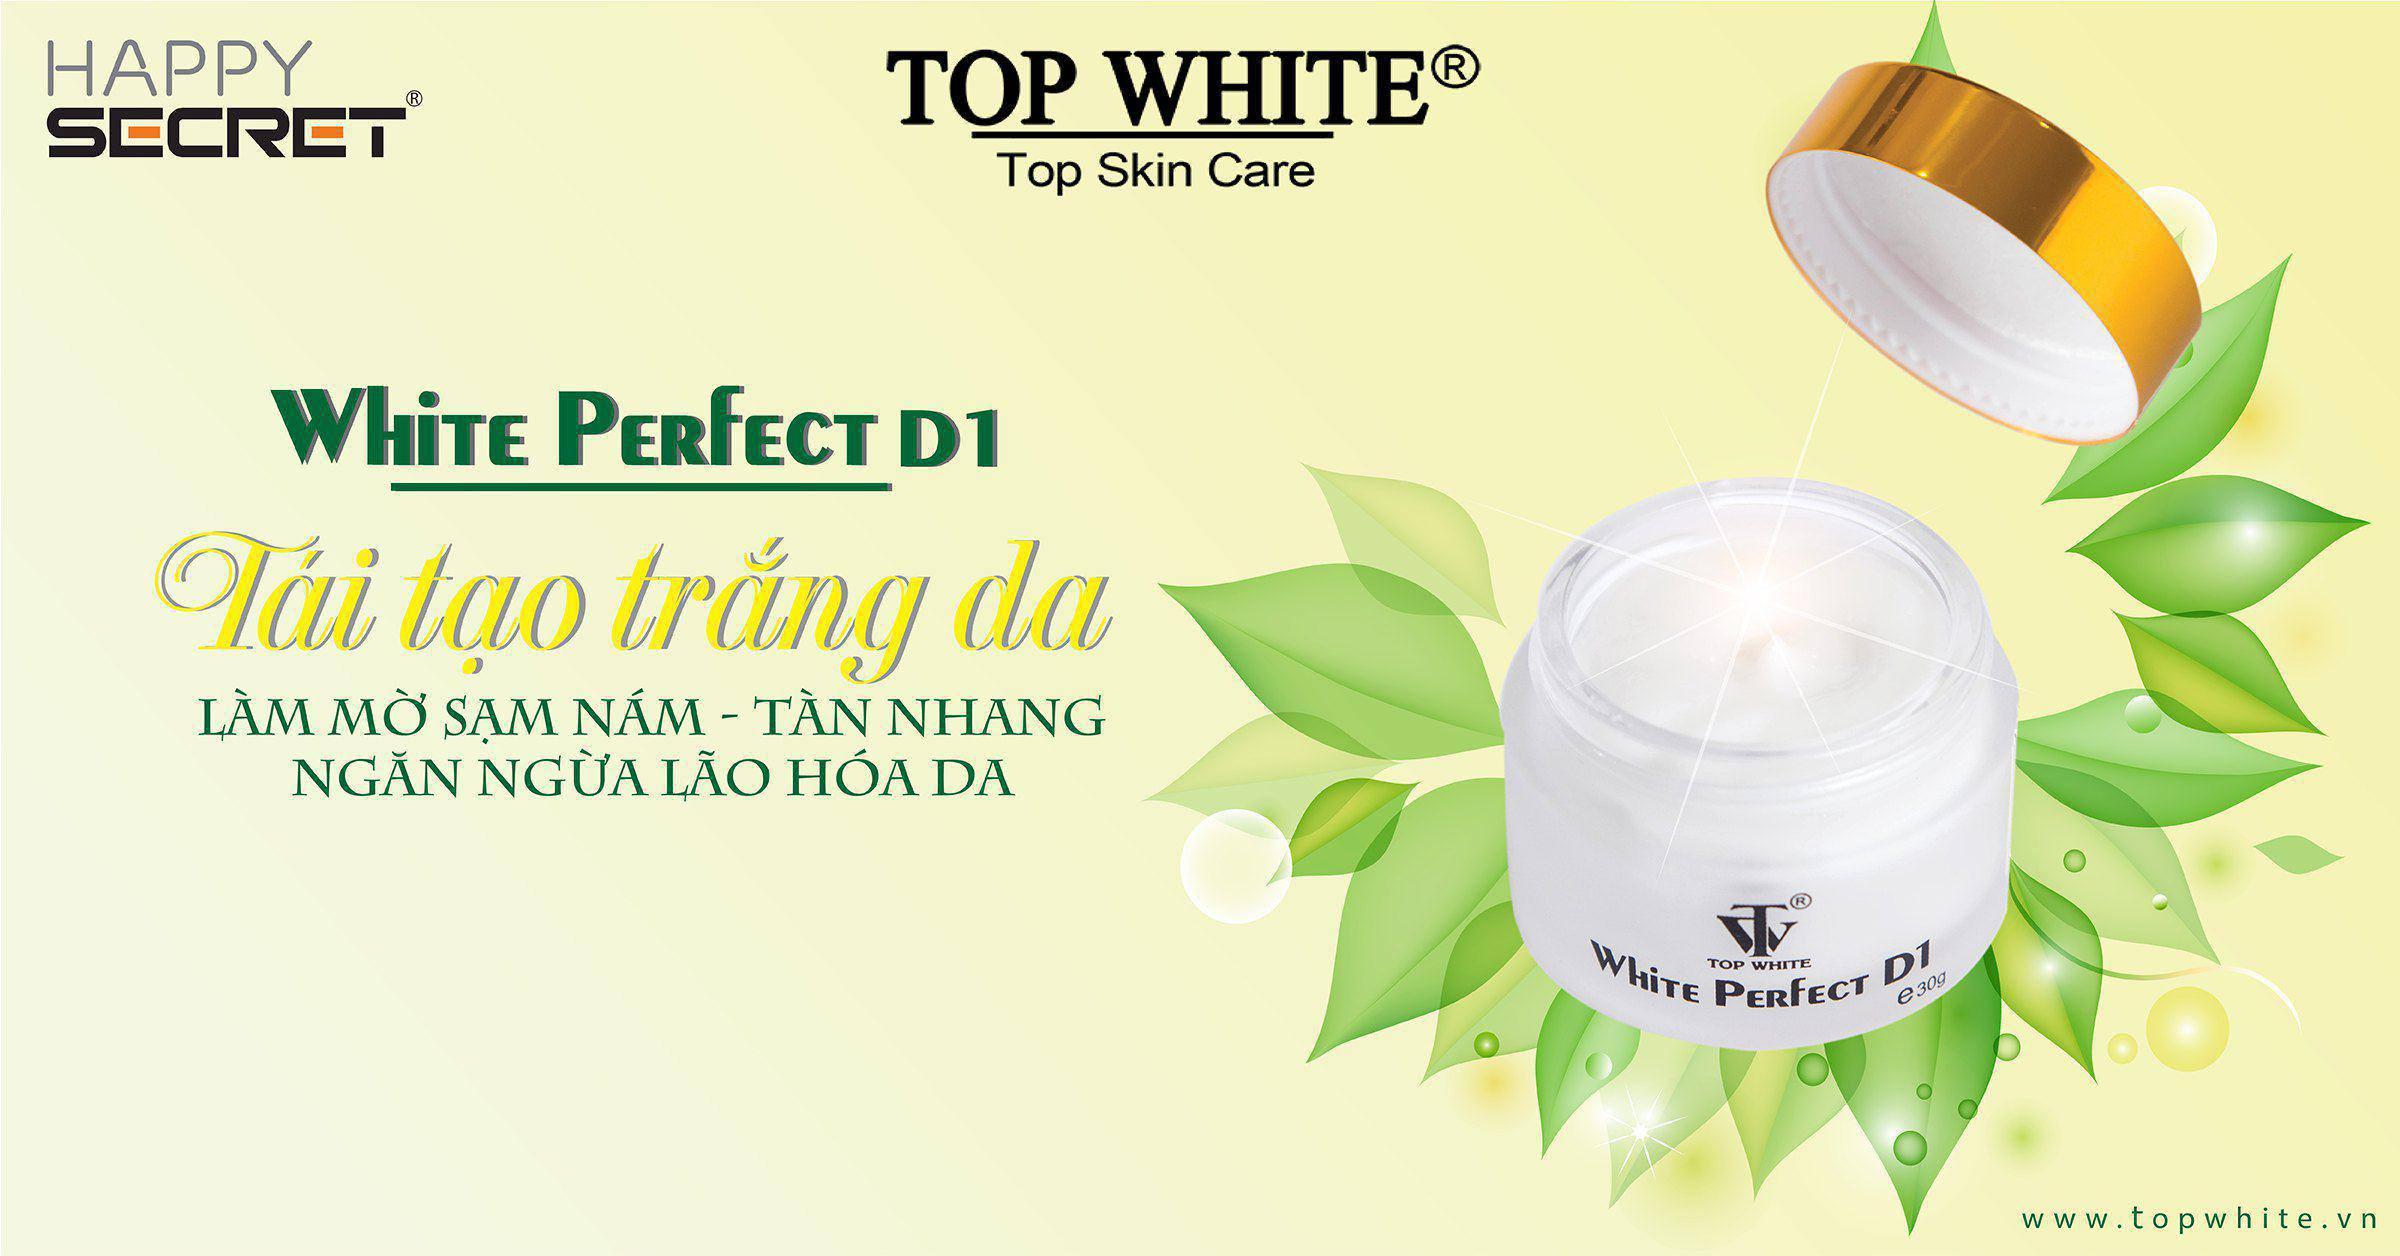 kem trắng da trị nám top white d1